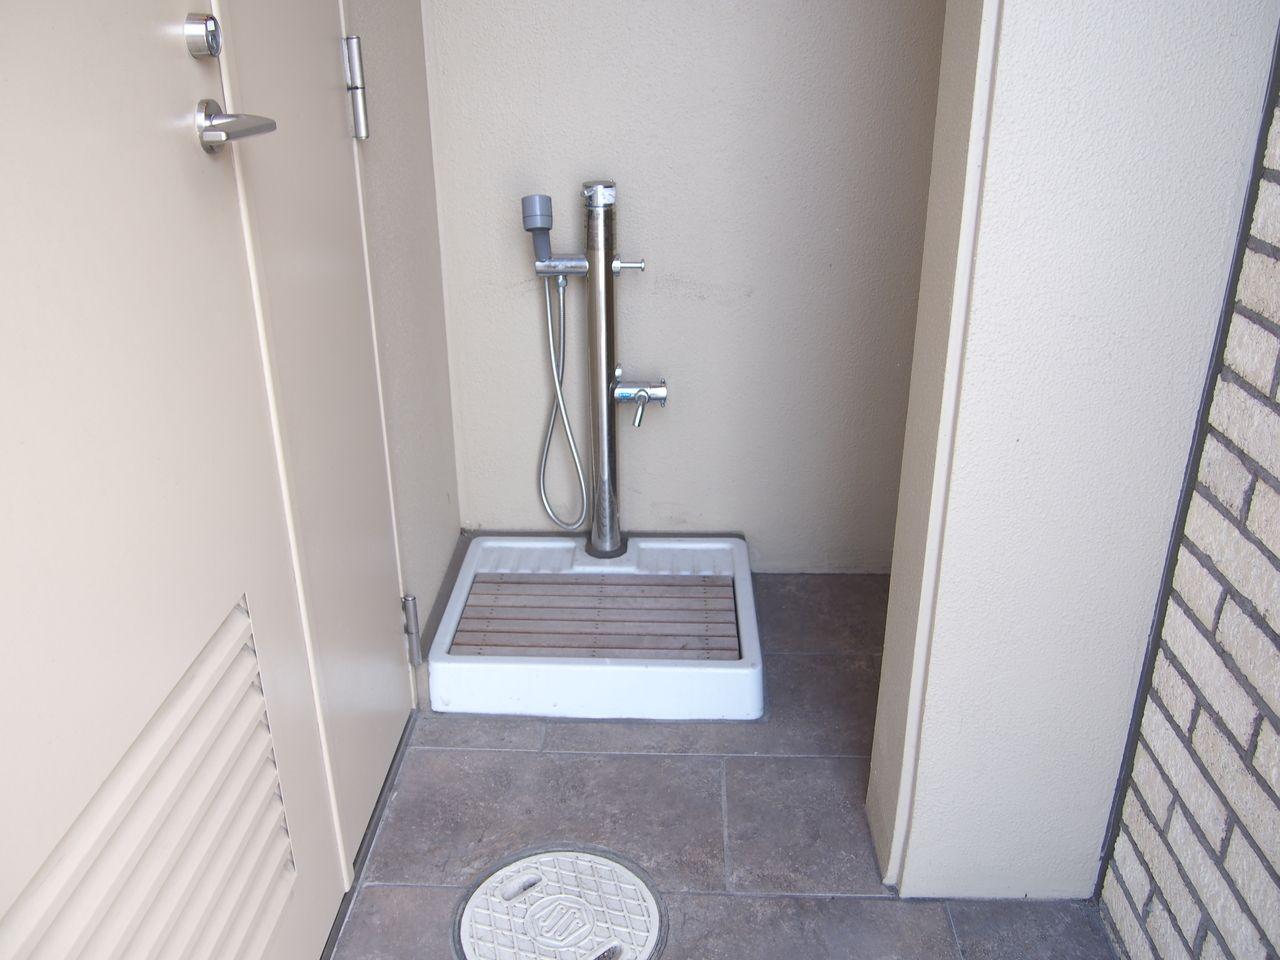 散歩から帰ってきたときに、1階の共用スペースにペットの足洗い場があると便利です。